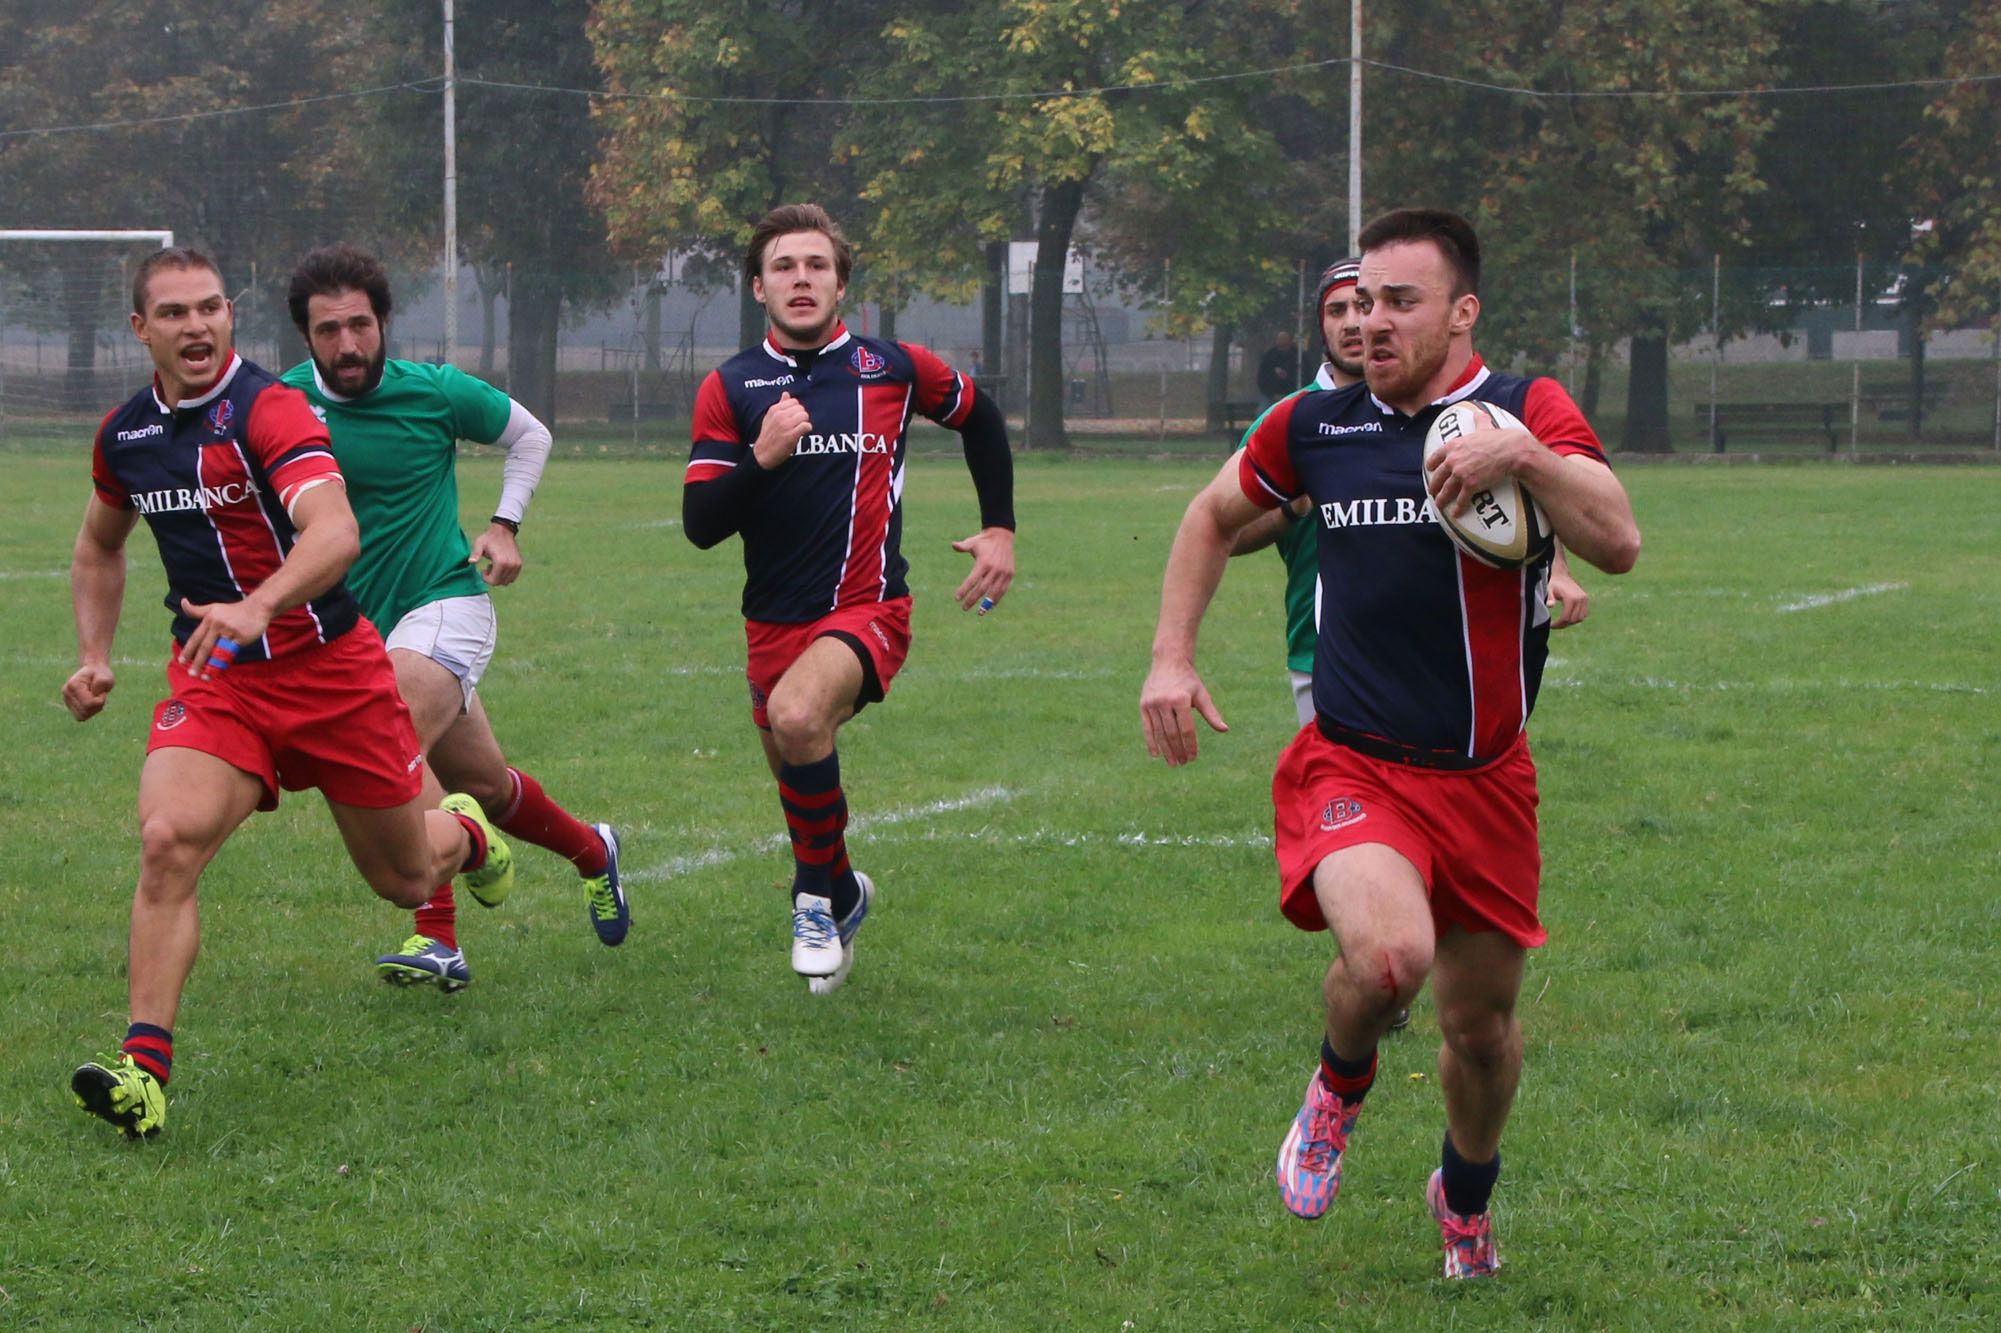 Rugby - Bologna Rugby 1928 v. Civitavecchia 43-8 - 23 Ott